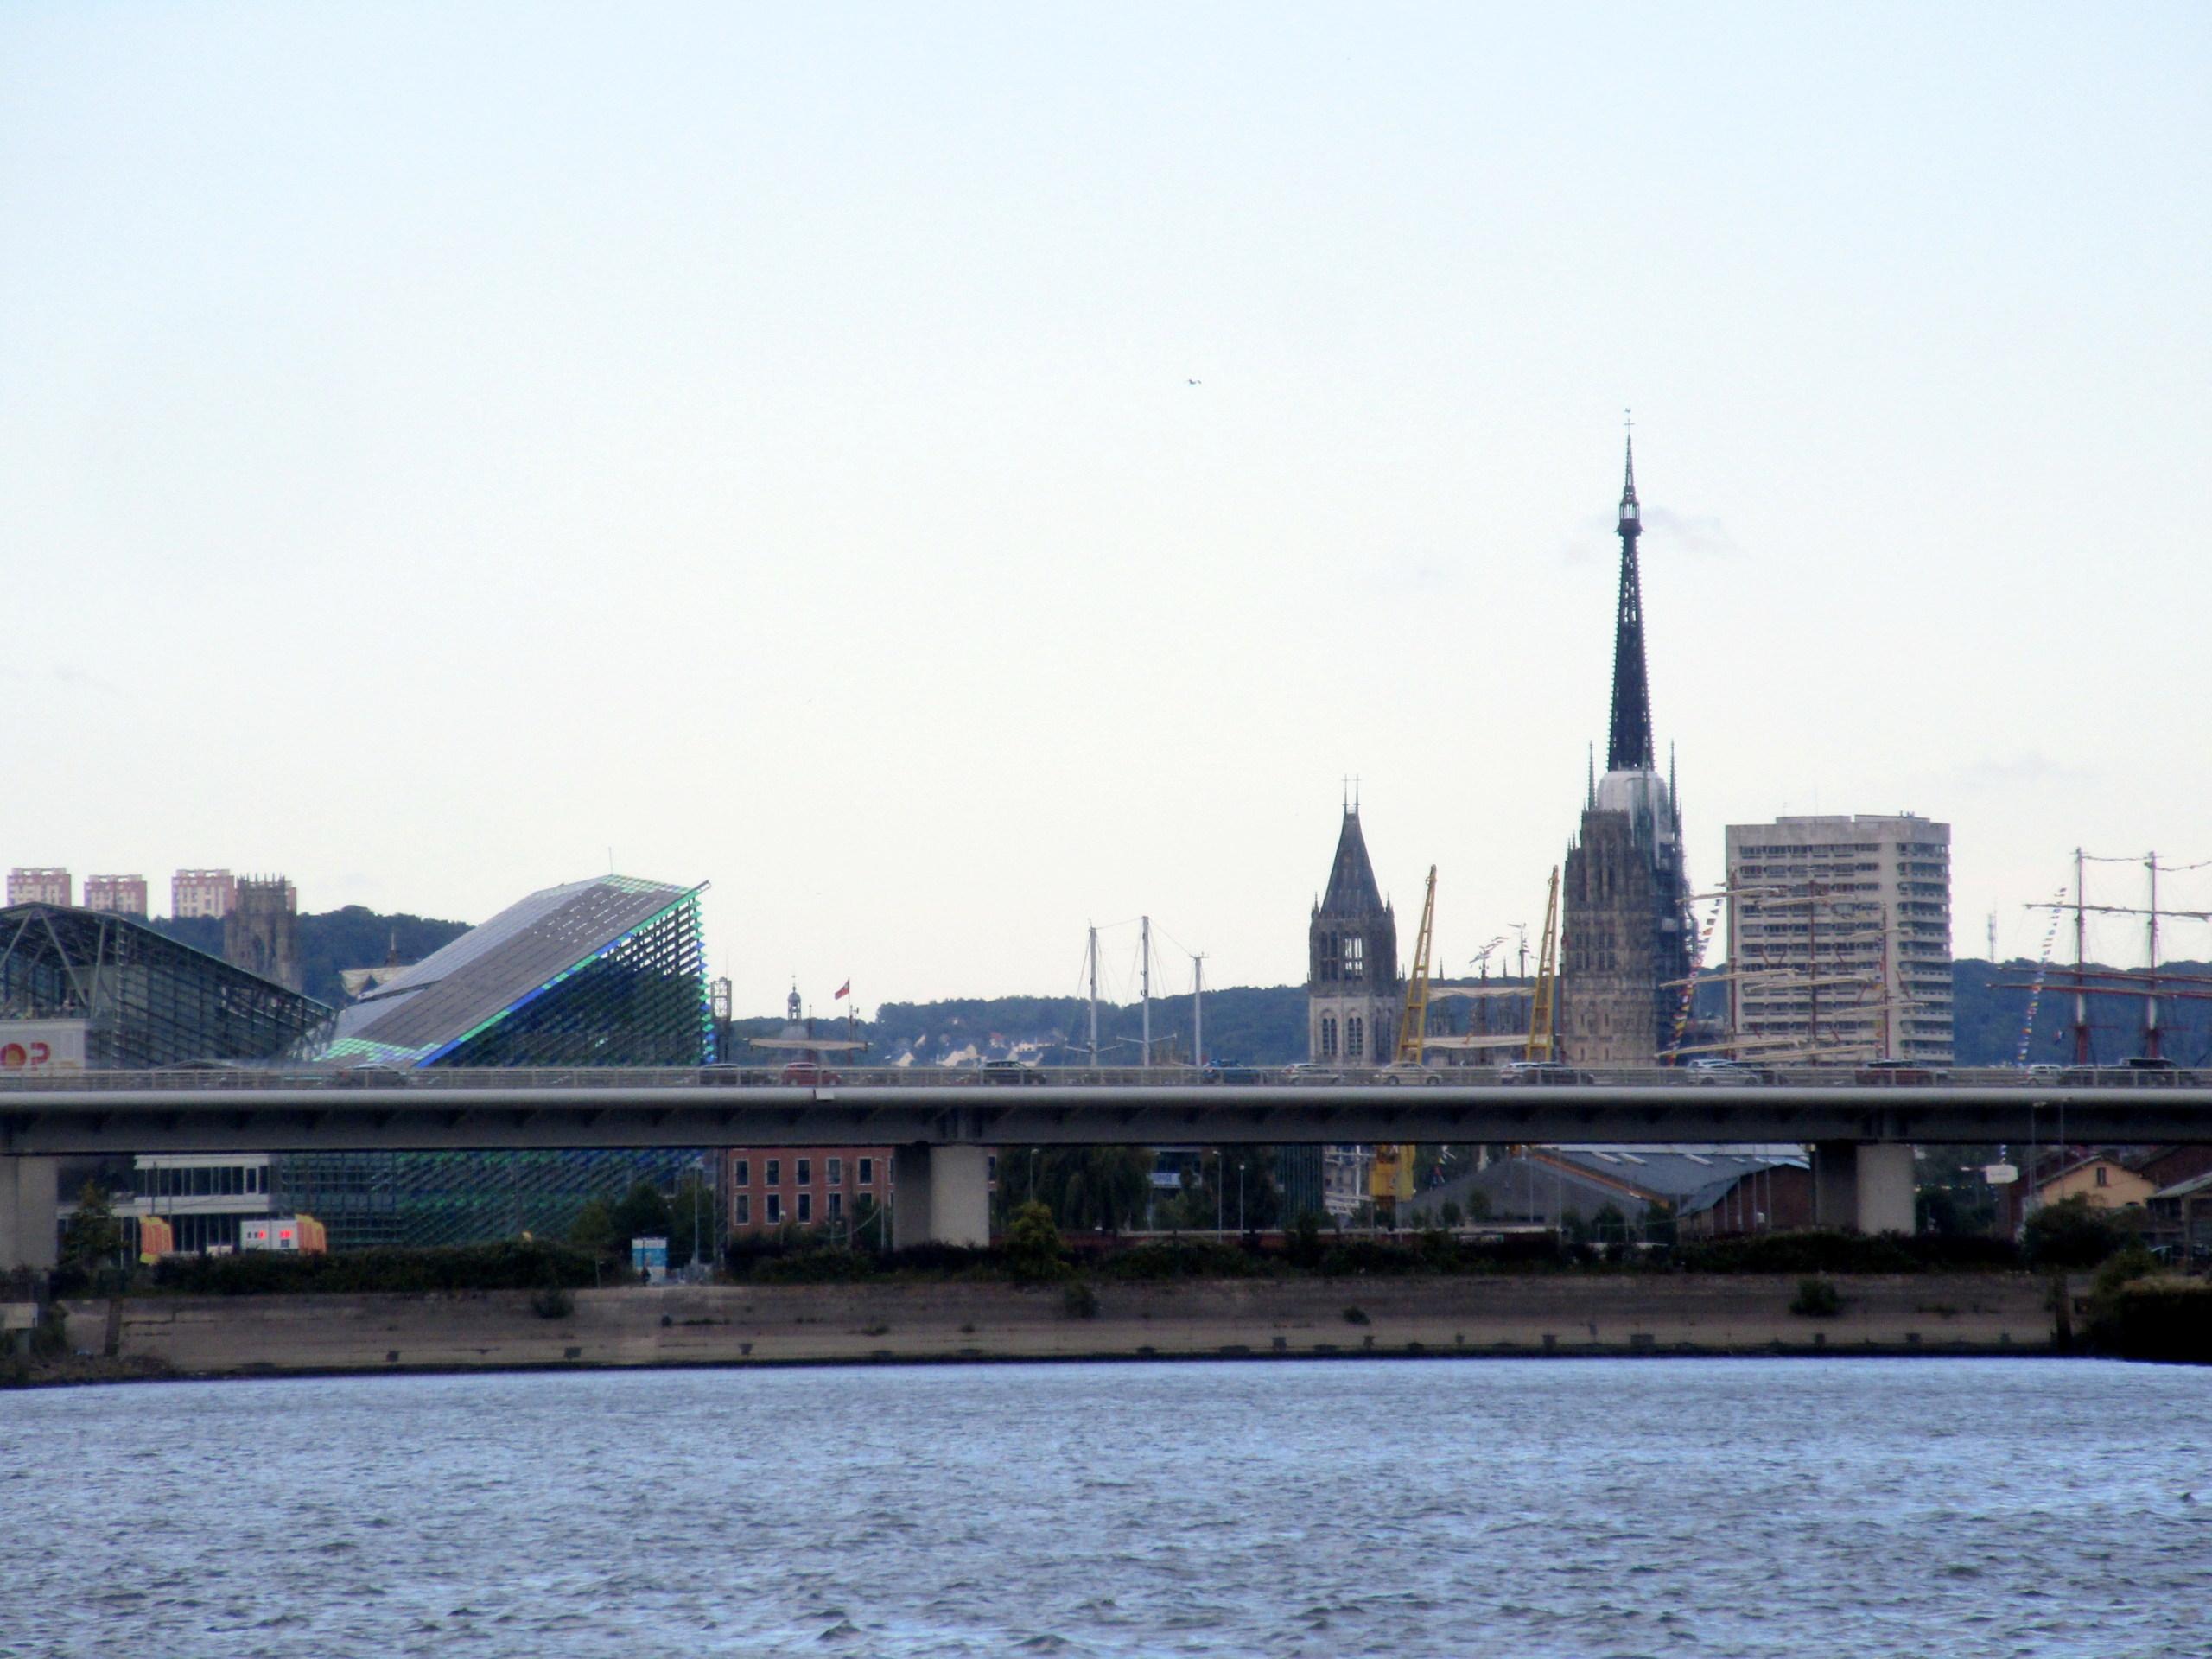 [Bientôt visible sur Google Earth] L'immeuble Metropole Rouen-Normandie - Rouen - Seine Maritime - France 20190622